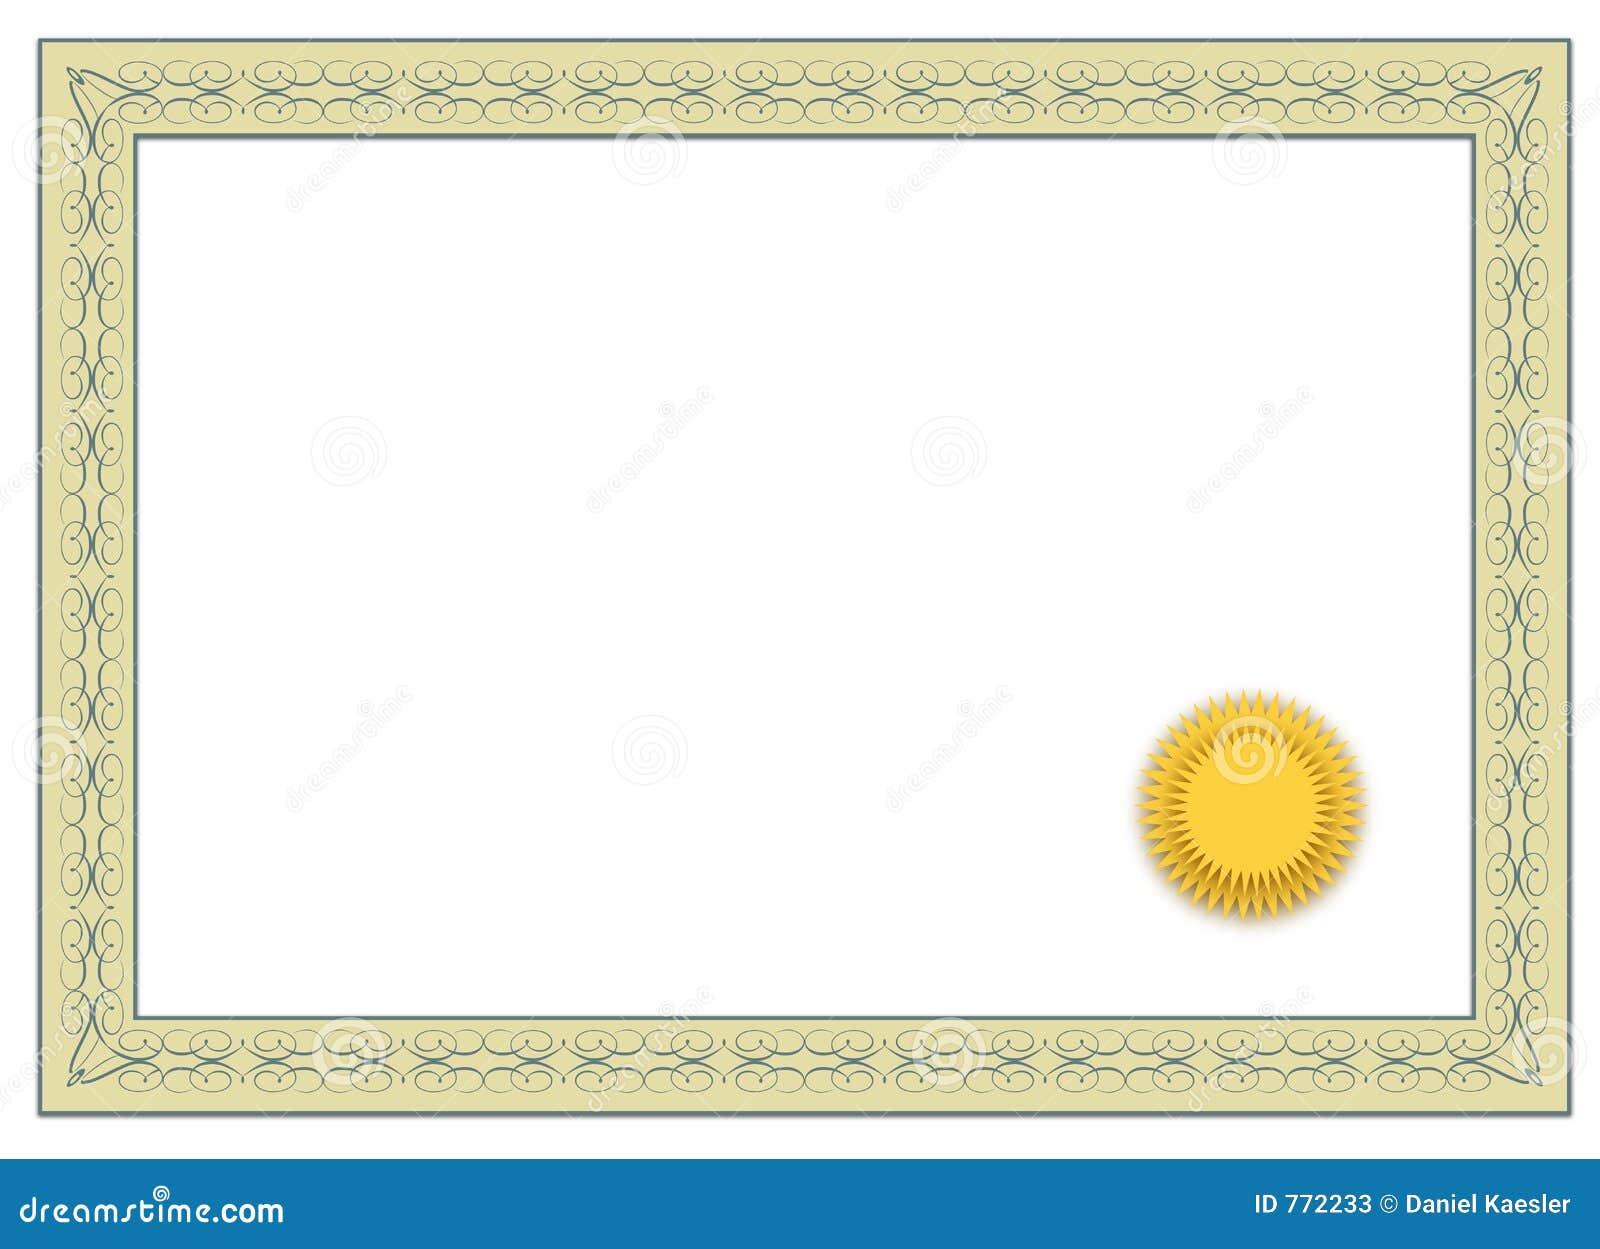 пустой сертификат иллюстрация штока. иллюстрации ...